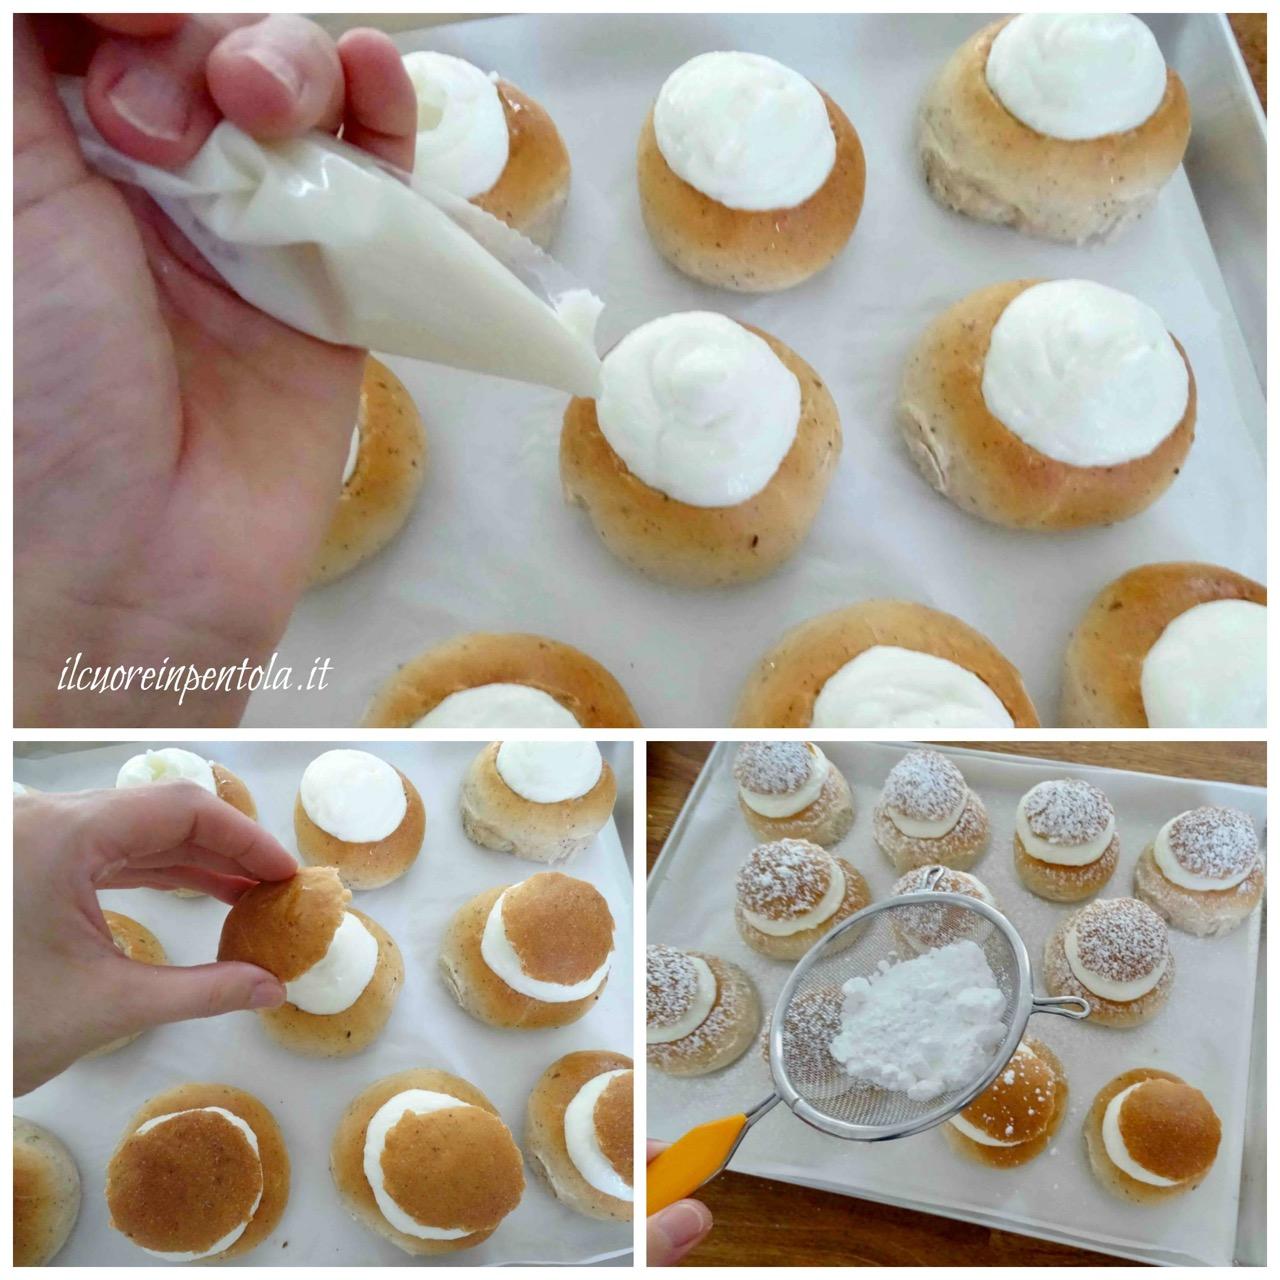 farcire biscotti con crema